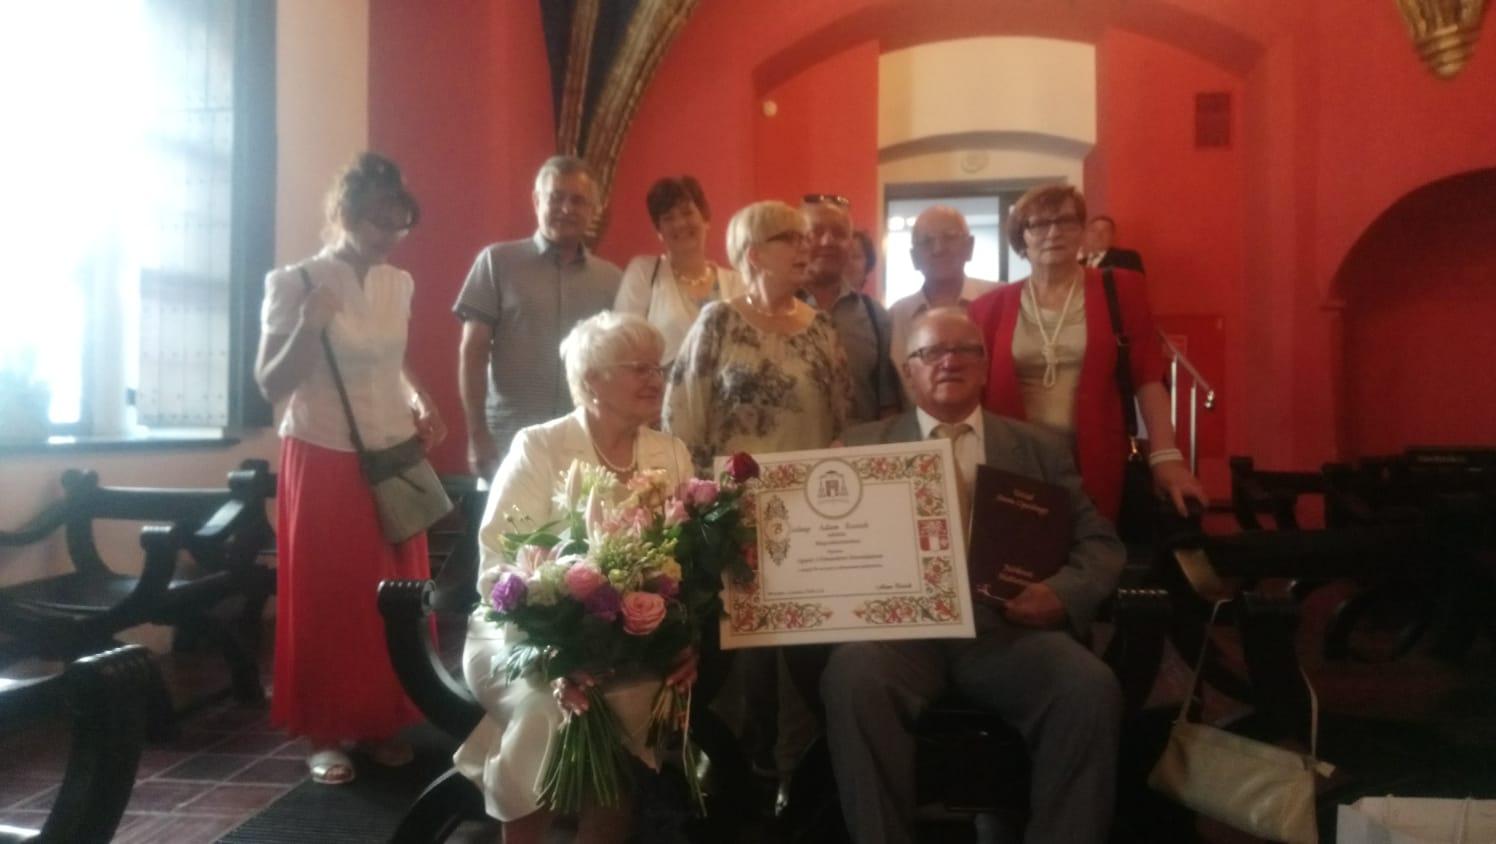 Złoty jubileusz małżeństwa szczecińskich Parafian 28.06.2018